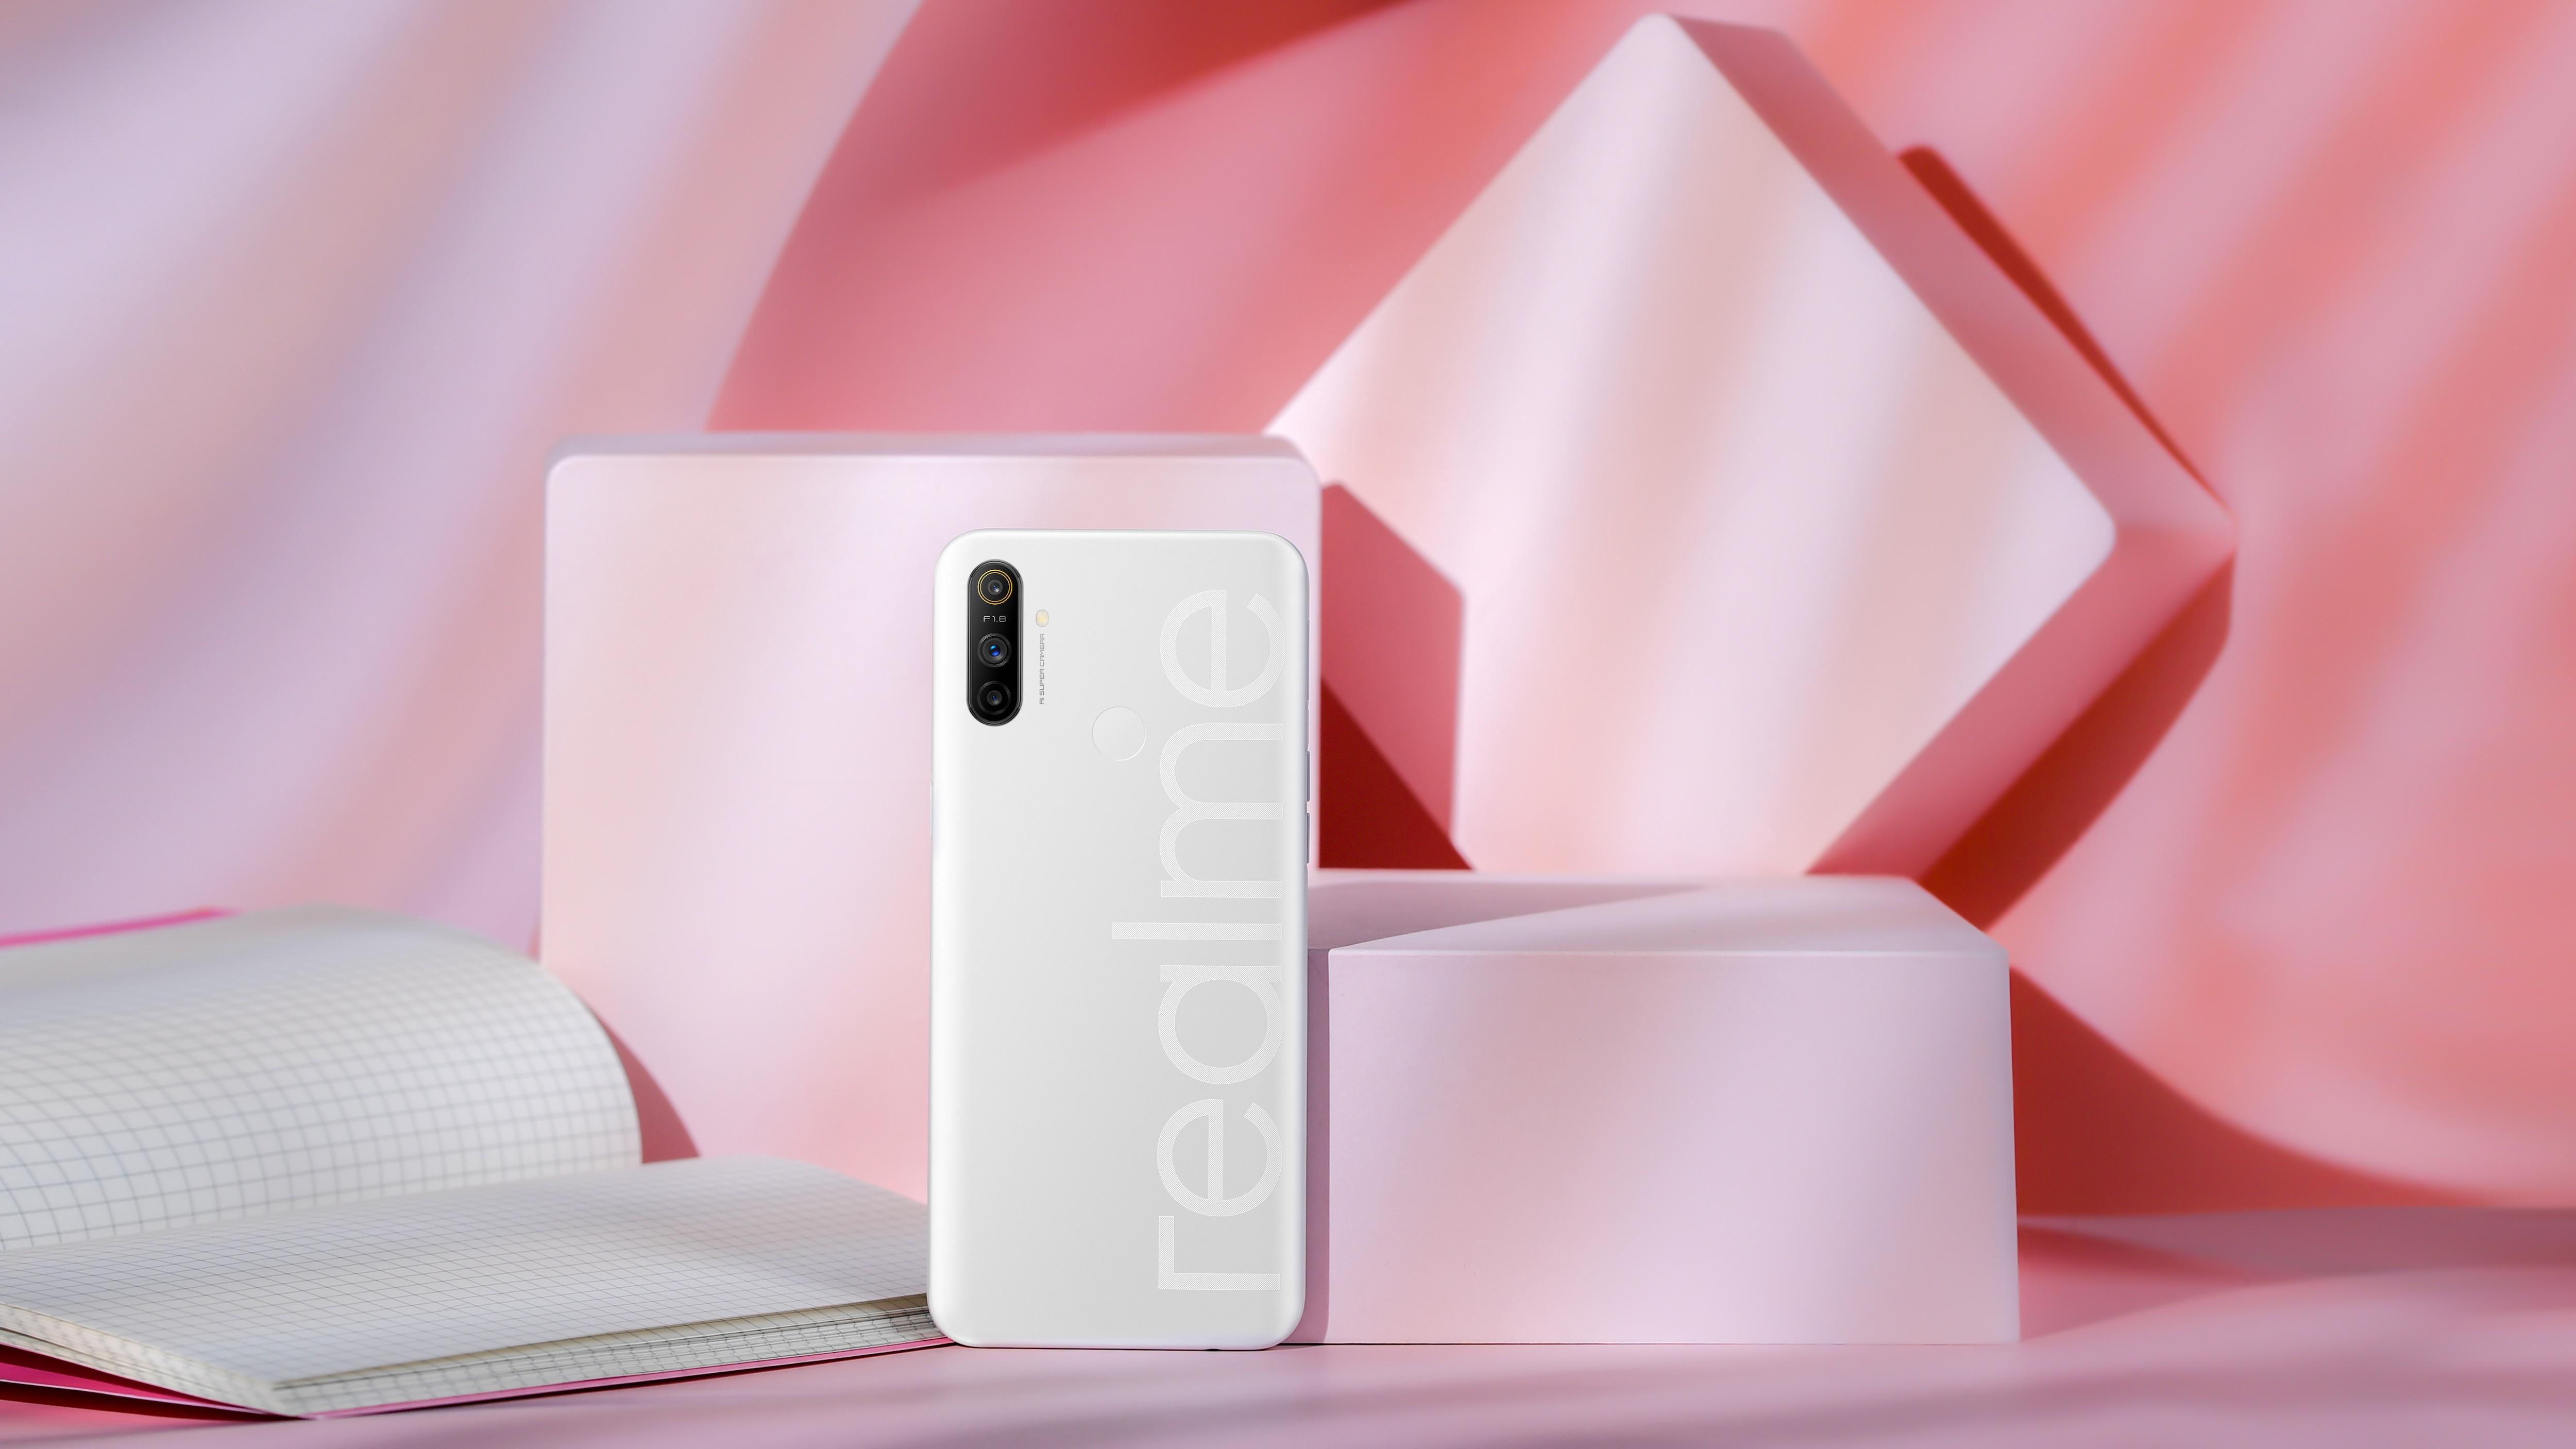 On the camera front, the Realme Narzo 10A has a 12-megapixel primary sensor, a 2-megapixel portrait sensor and a 2-megapixel macro sensor. On the front, it has a 5-megapixel AI camera.